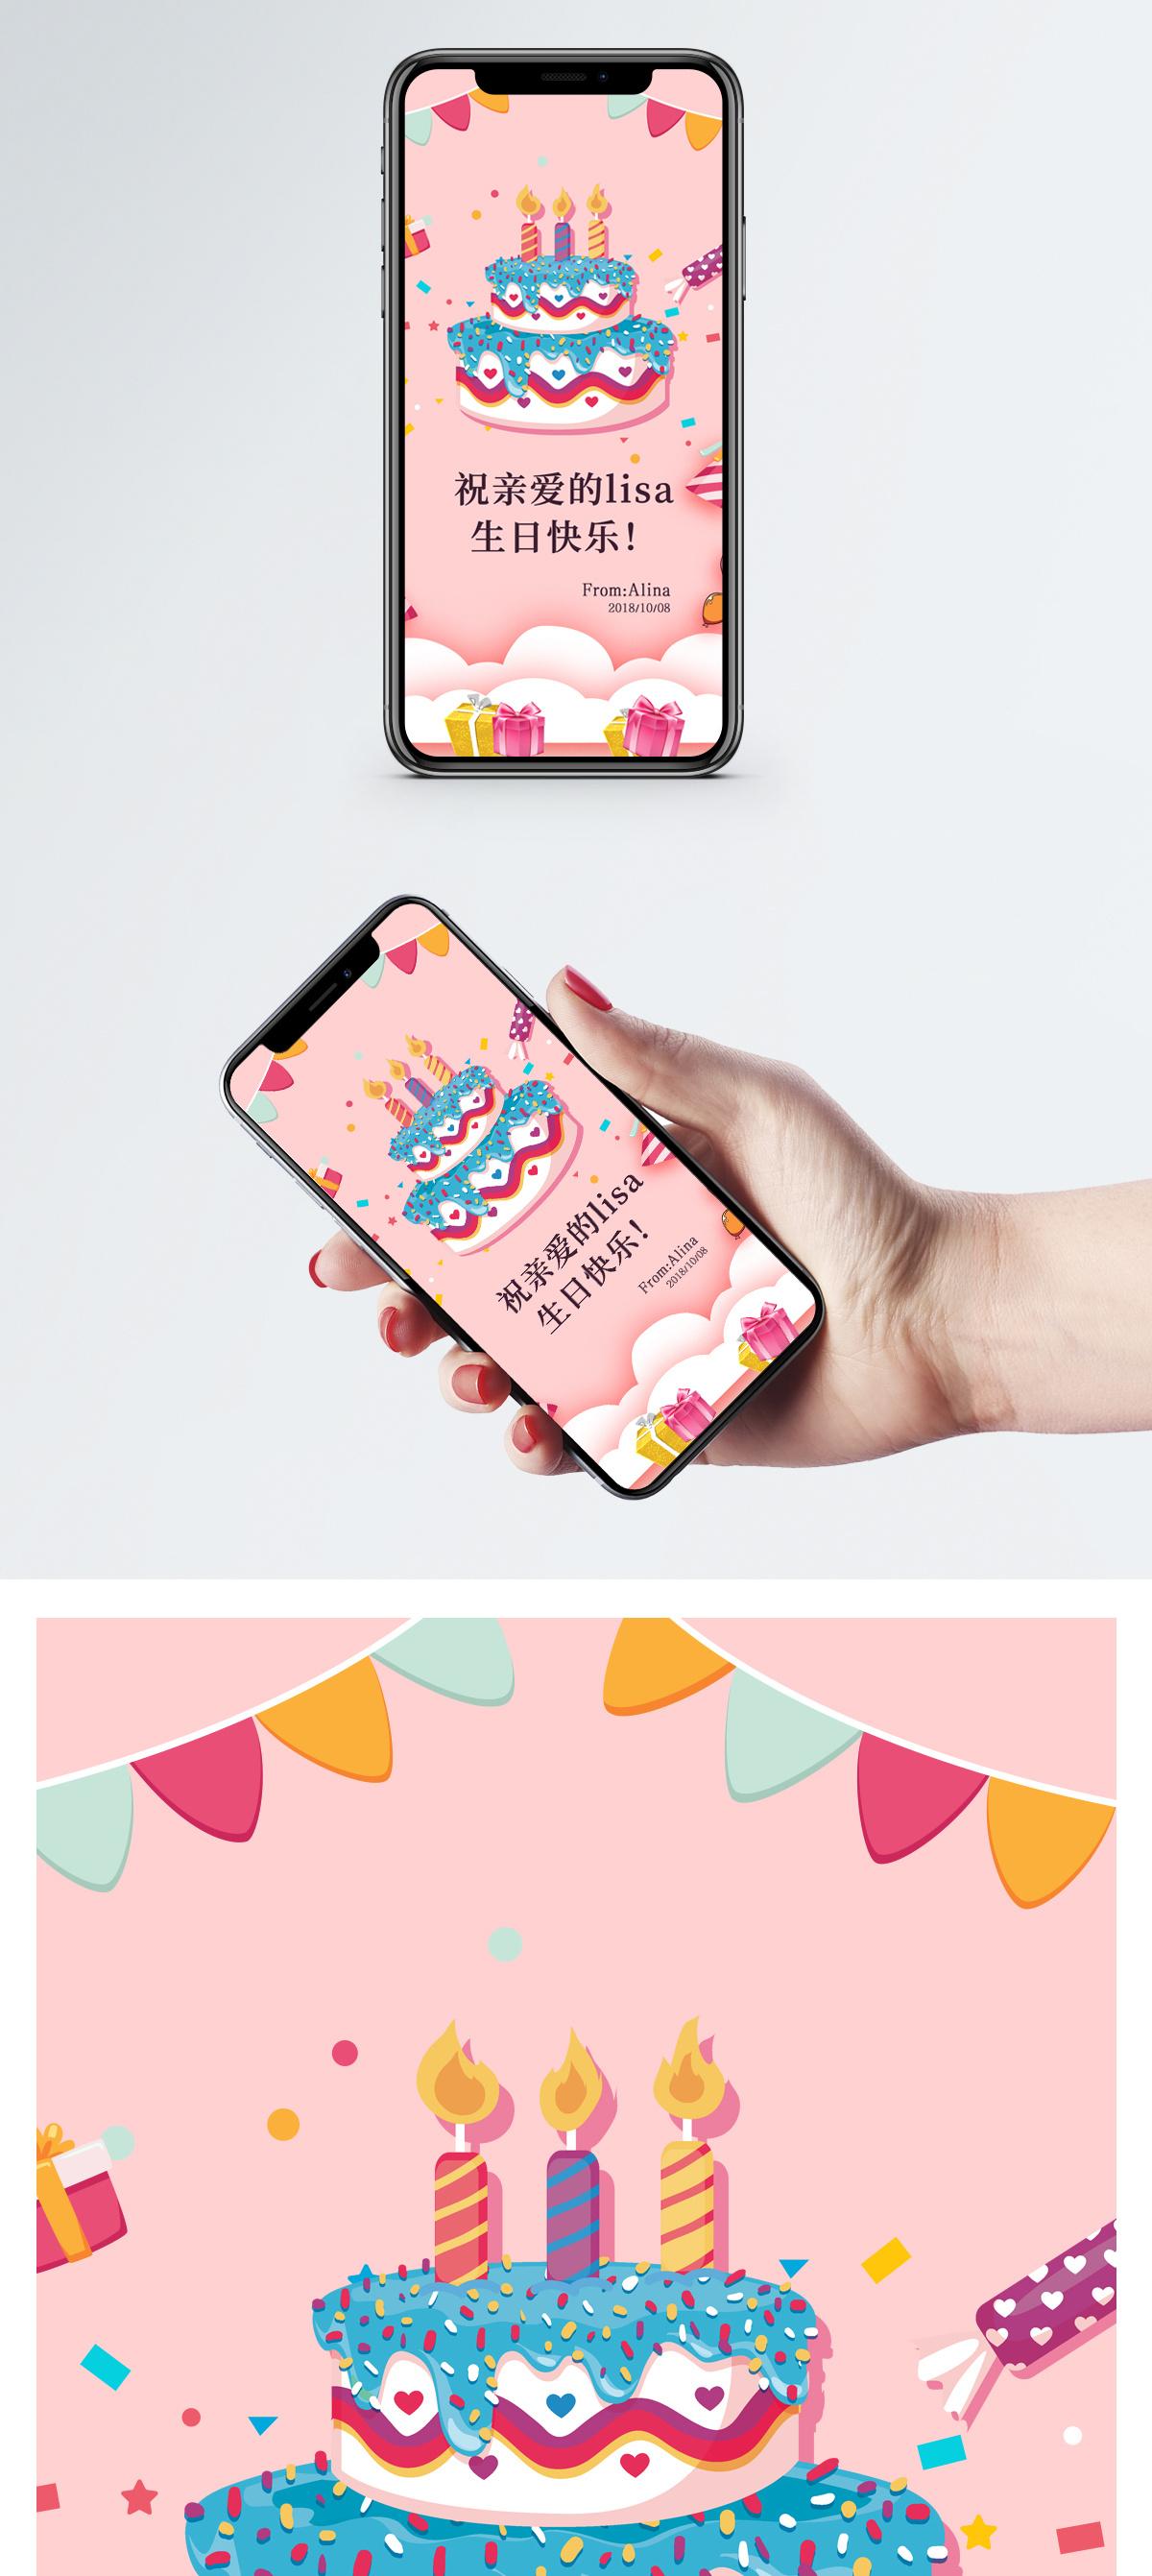 生日祝福电子贺卡图片